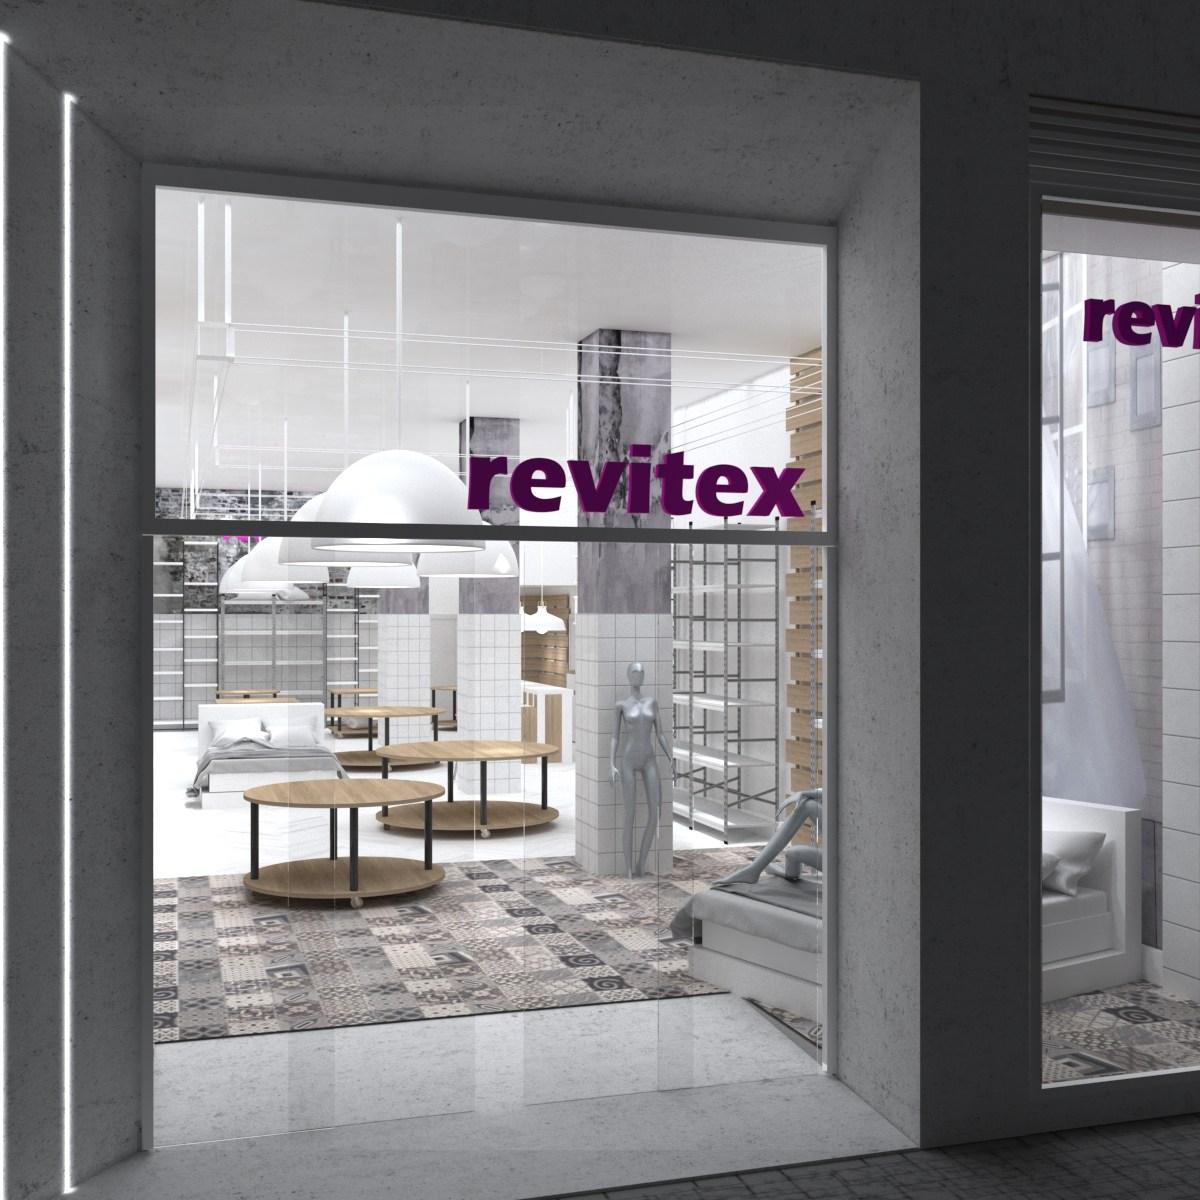 Diseño de fachada retail on-off